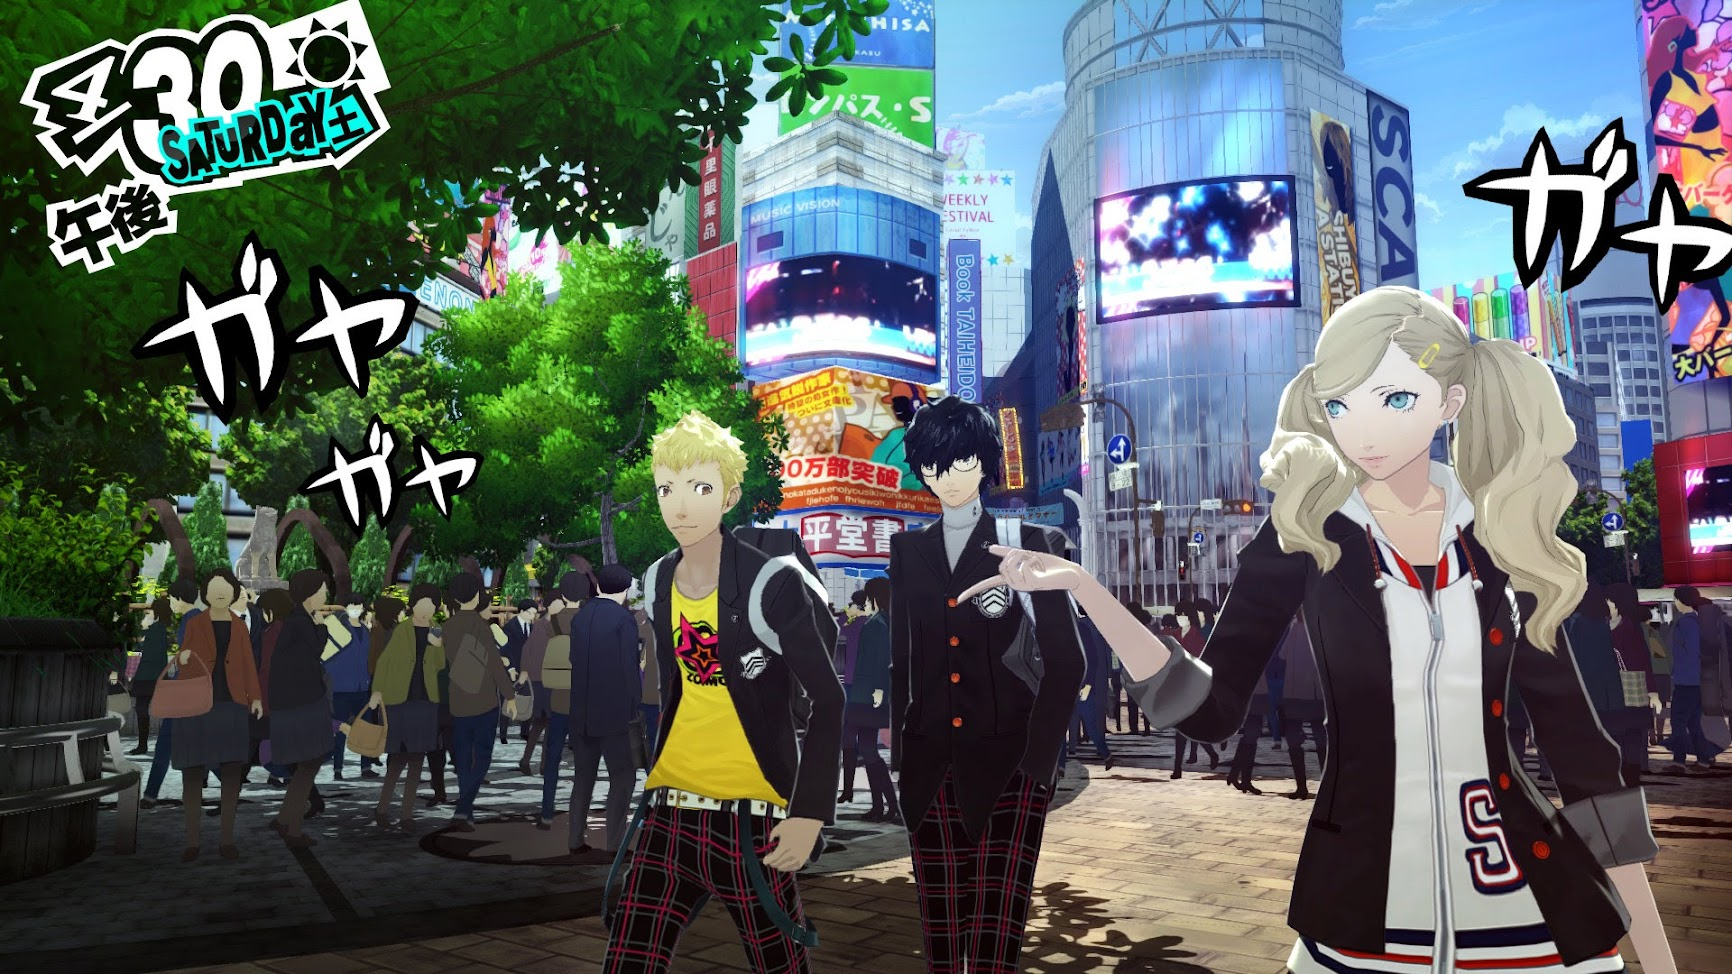 Bienvenidos a Shibuya en Persona 5, la estatua del famoso perro fiel sigue ahí atrás y hay más gente que nunca en el famoso cruce.